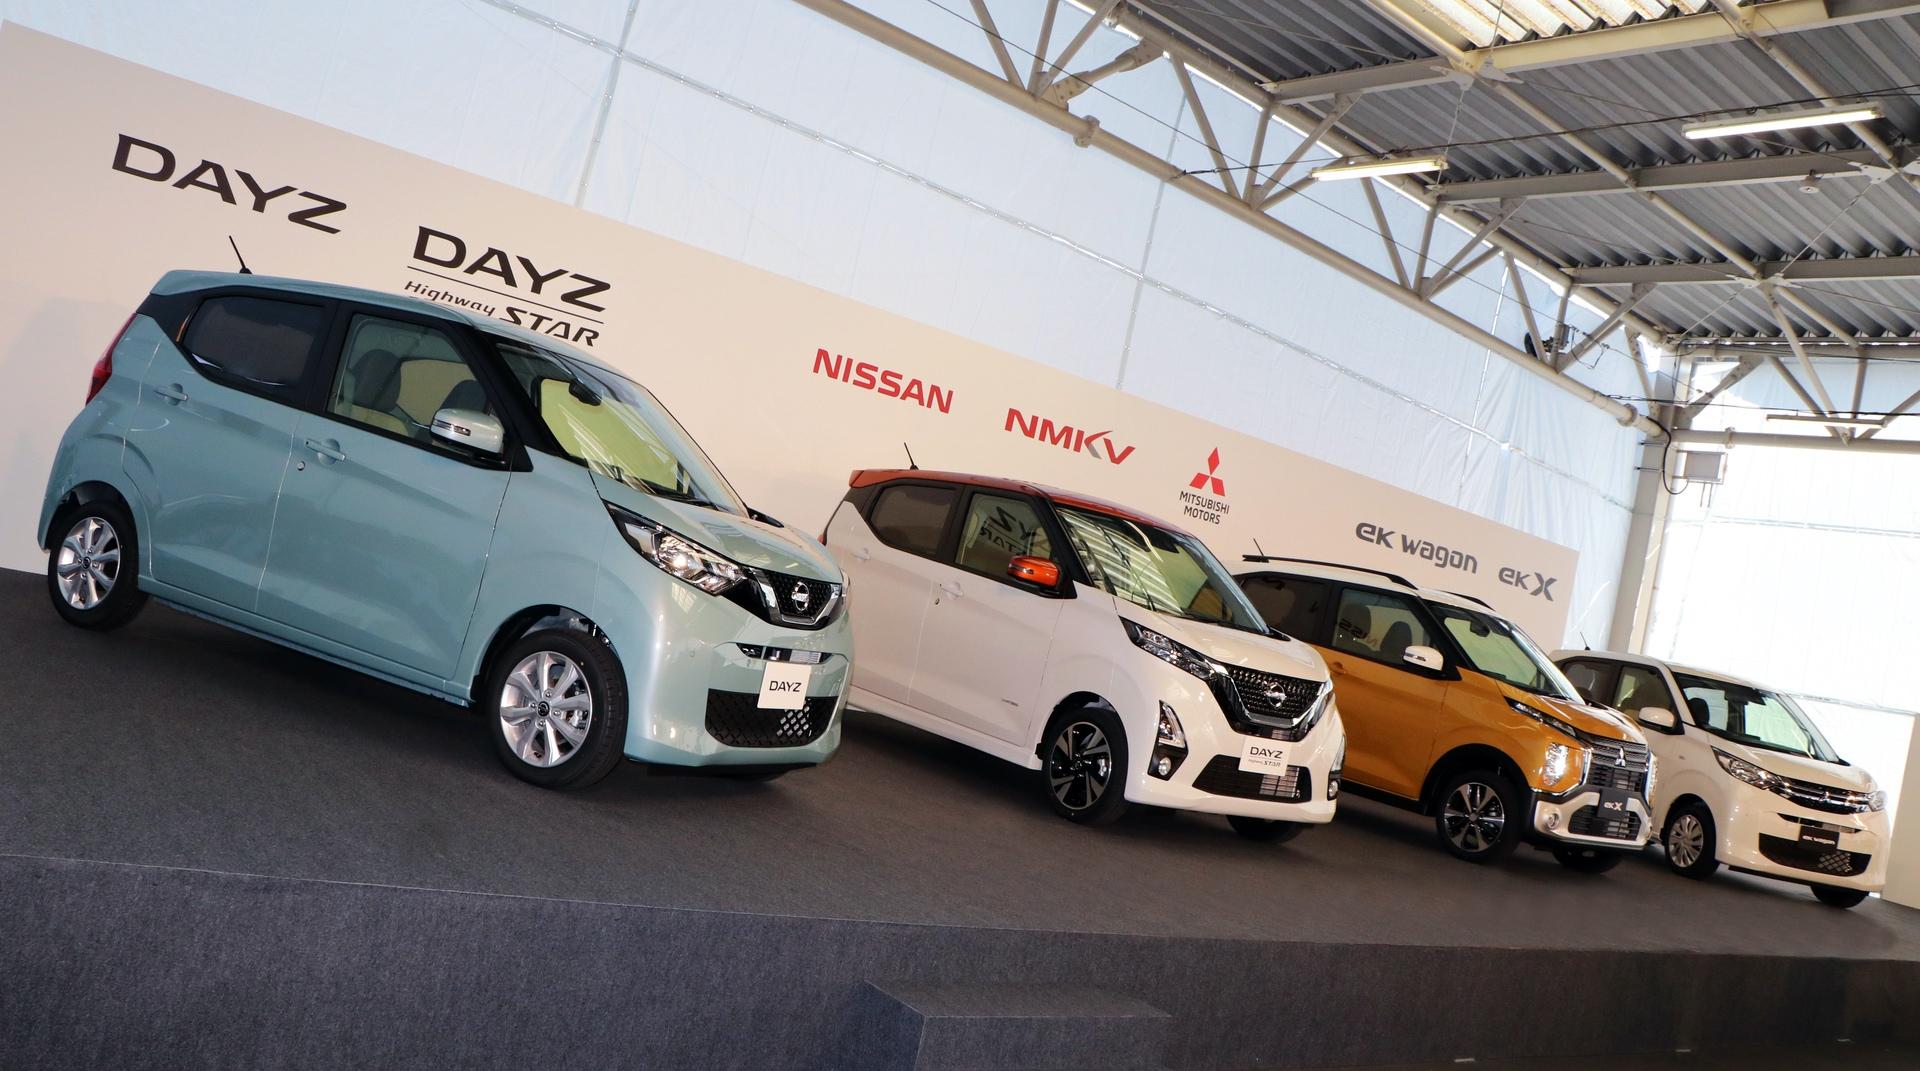 Nissan_Mitsubishi_kei_cars_0006